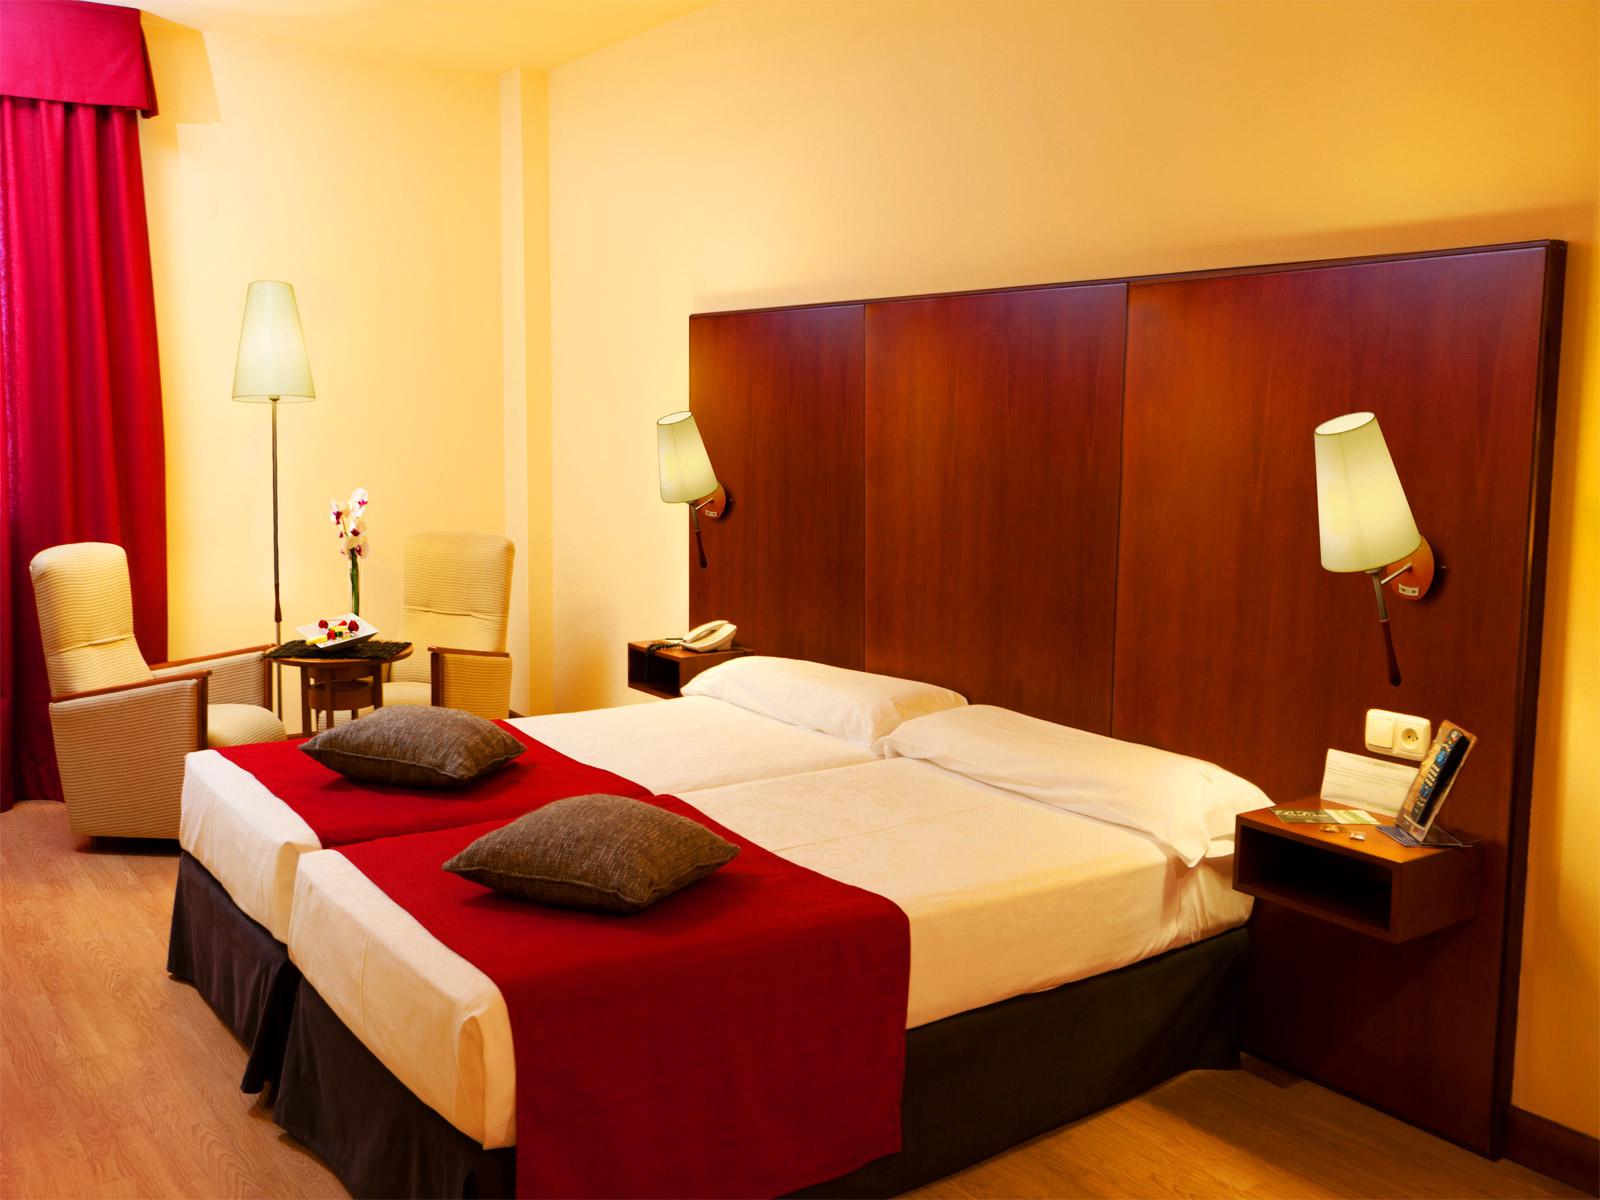 Habitaciones-Hoteles Vincci. Hotel Vincci Ciudad de Salamanca